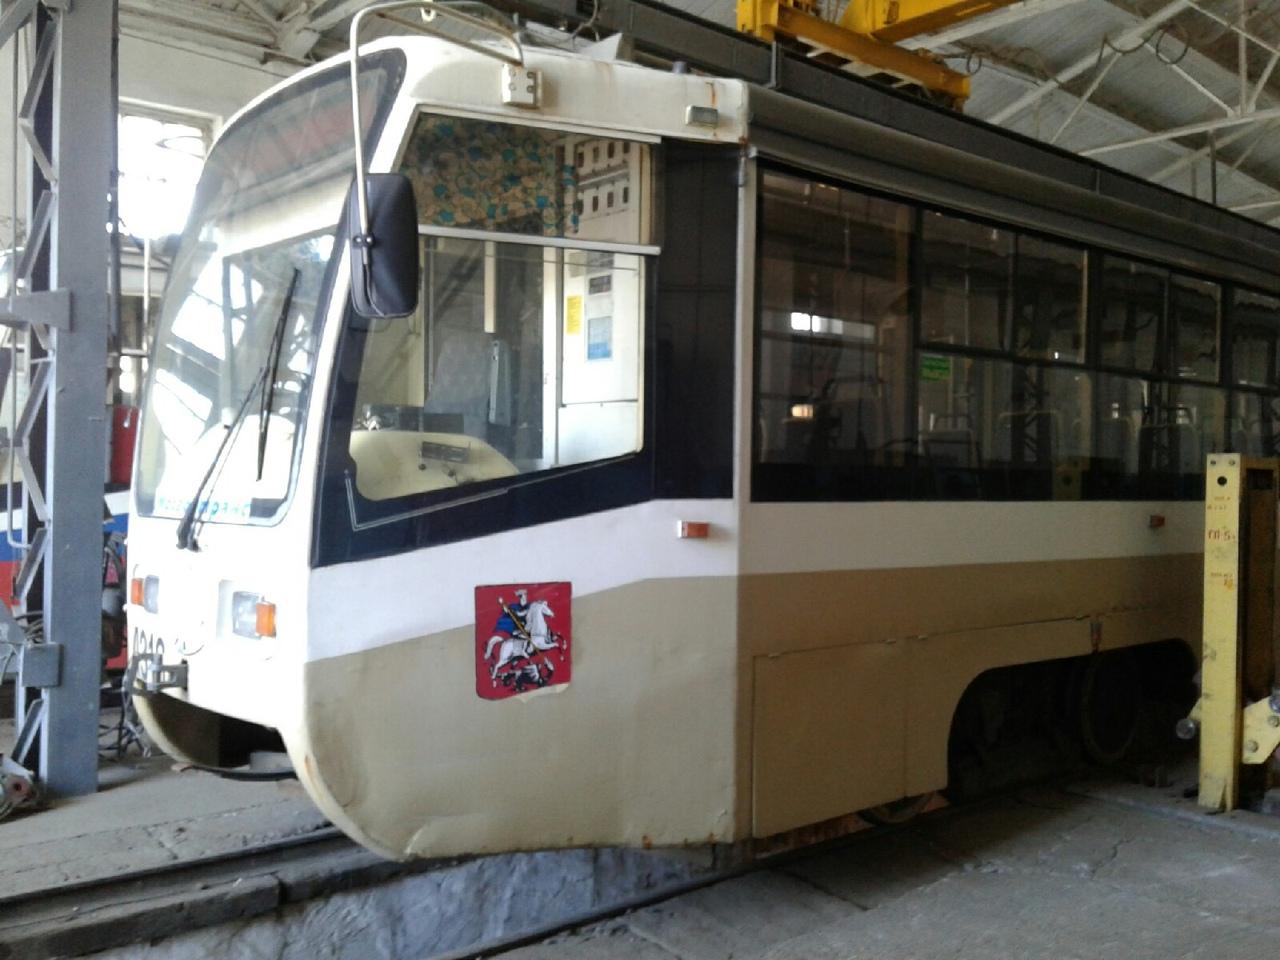 Омск попросит у Москвы очередную партию списанных трамваев #Новости #Общество #Омск